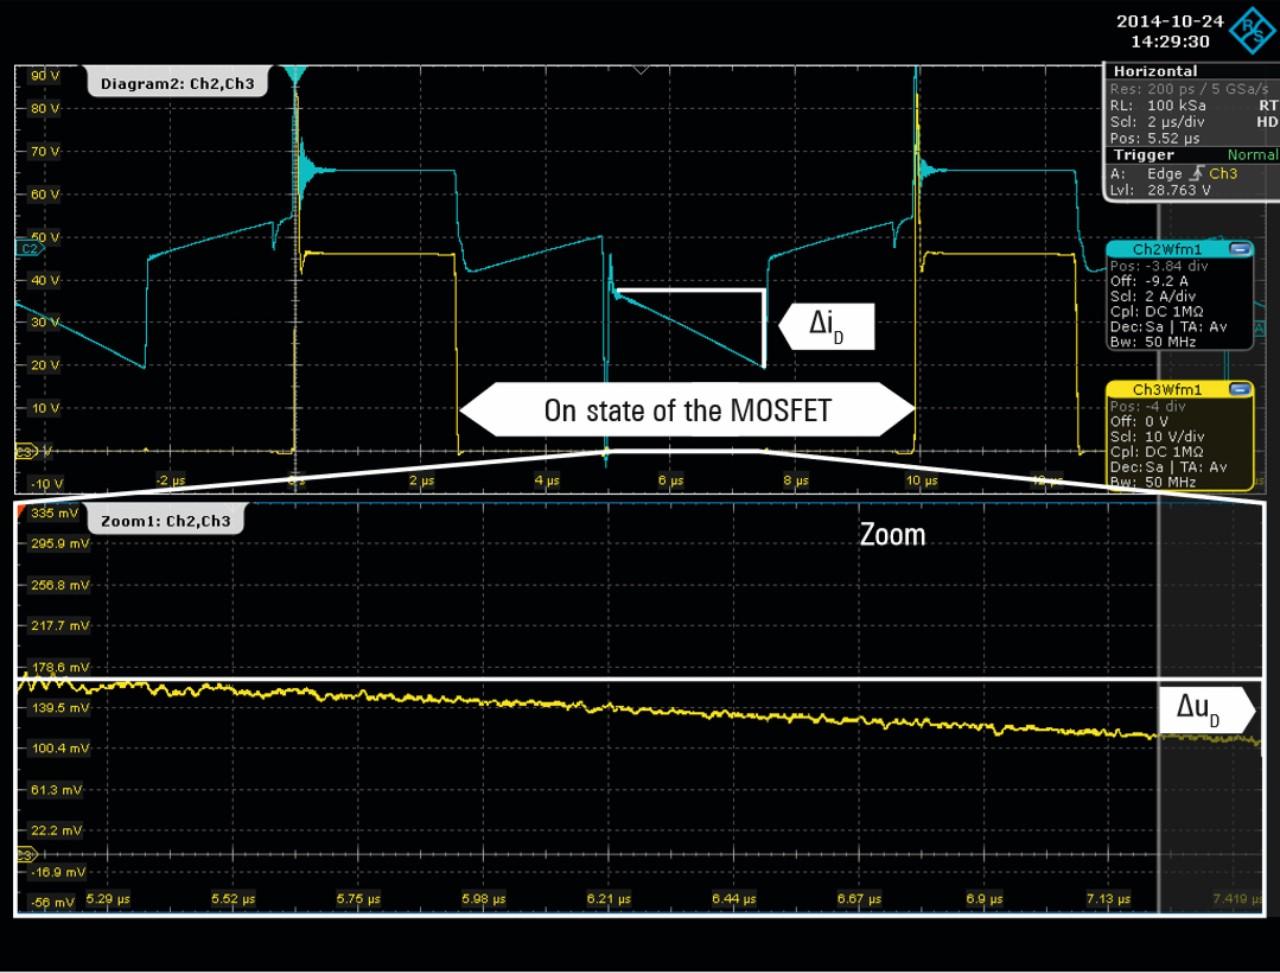 Использование усреднения сигнала в режиме высокой четкости с полосой пропускания 50 МГц для повышения разрешения по вертикали до 16 разрядов. Очень четко отображаются сигналы при сильном увеличении.